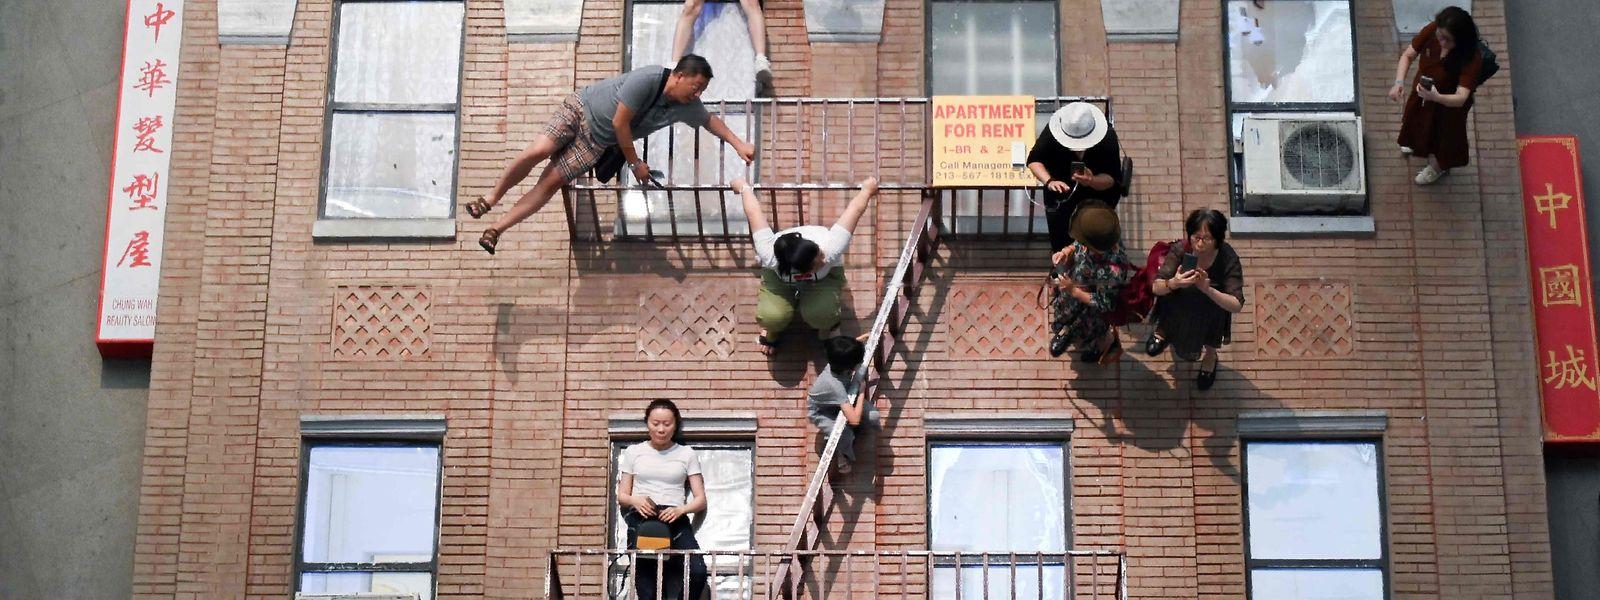 """Bejing (China). Im CAFA-Kunstmuseum spielt der argentinische Künstler Leandro Erlich durch seine """"The Confines of the Great Void""""-Installation mit den Sinnen der Besucher."""